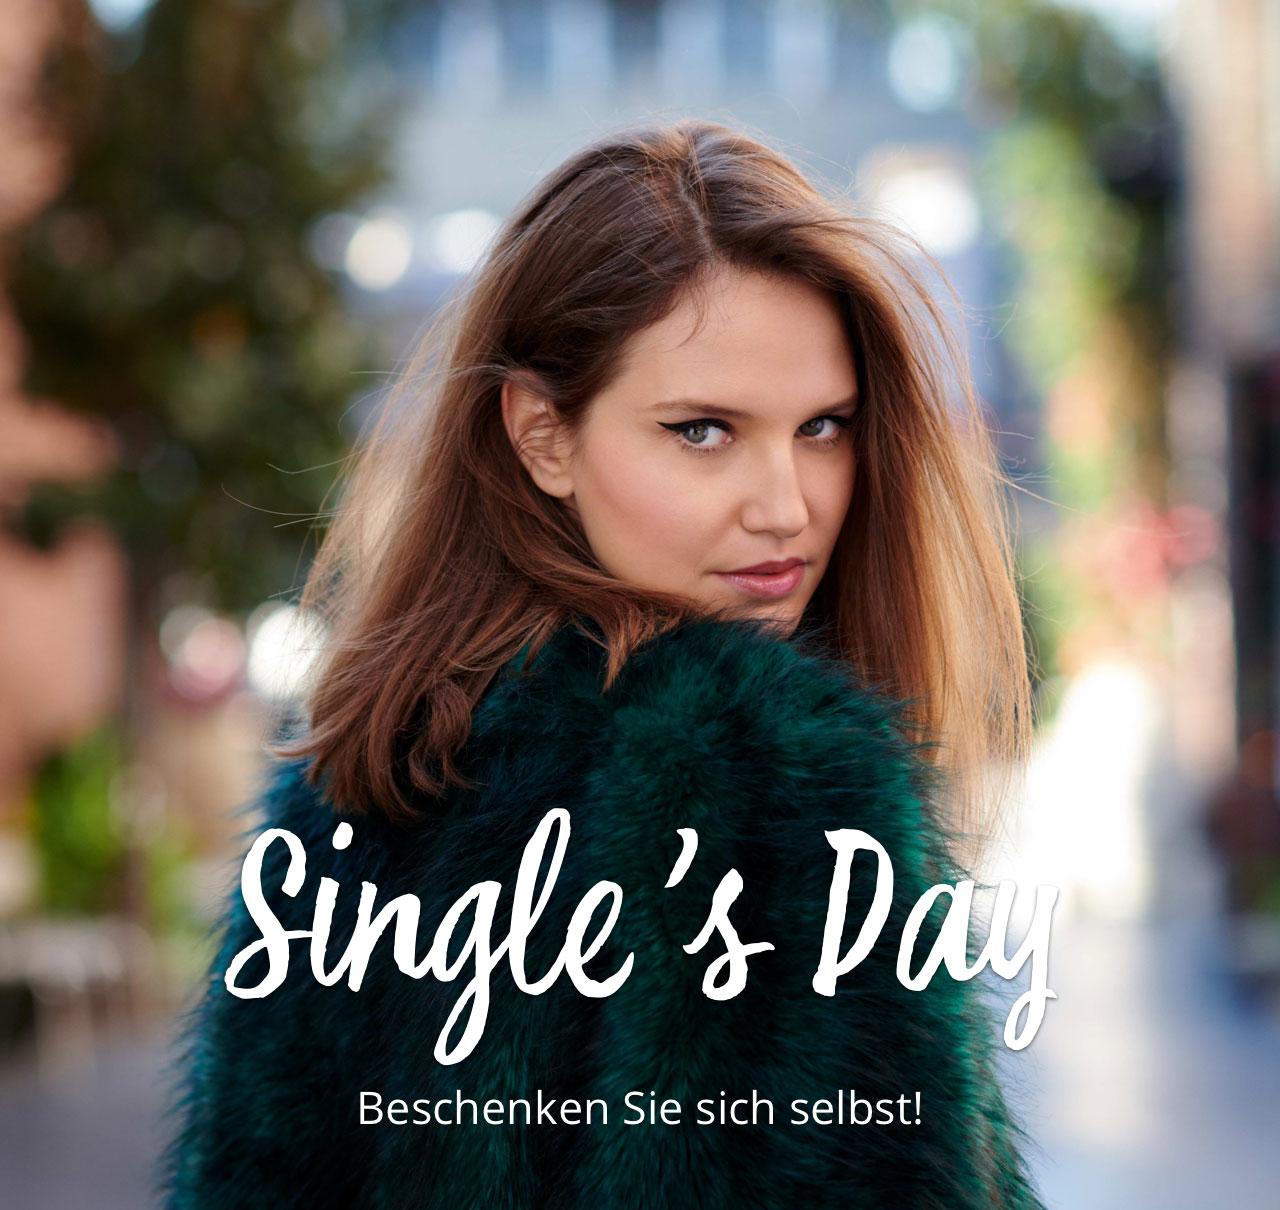 Single's Day Beschenken Sie sich selbst!